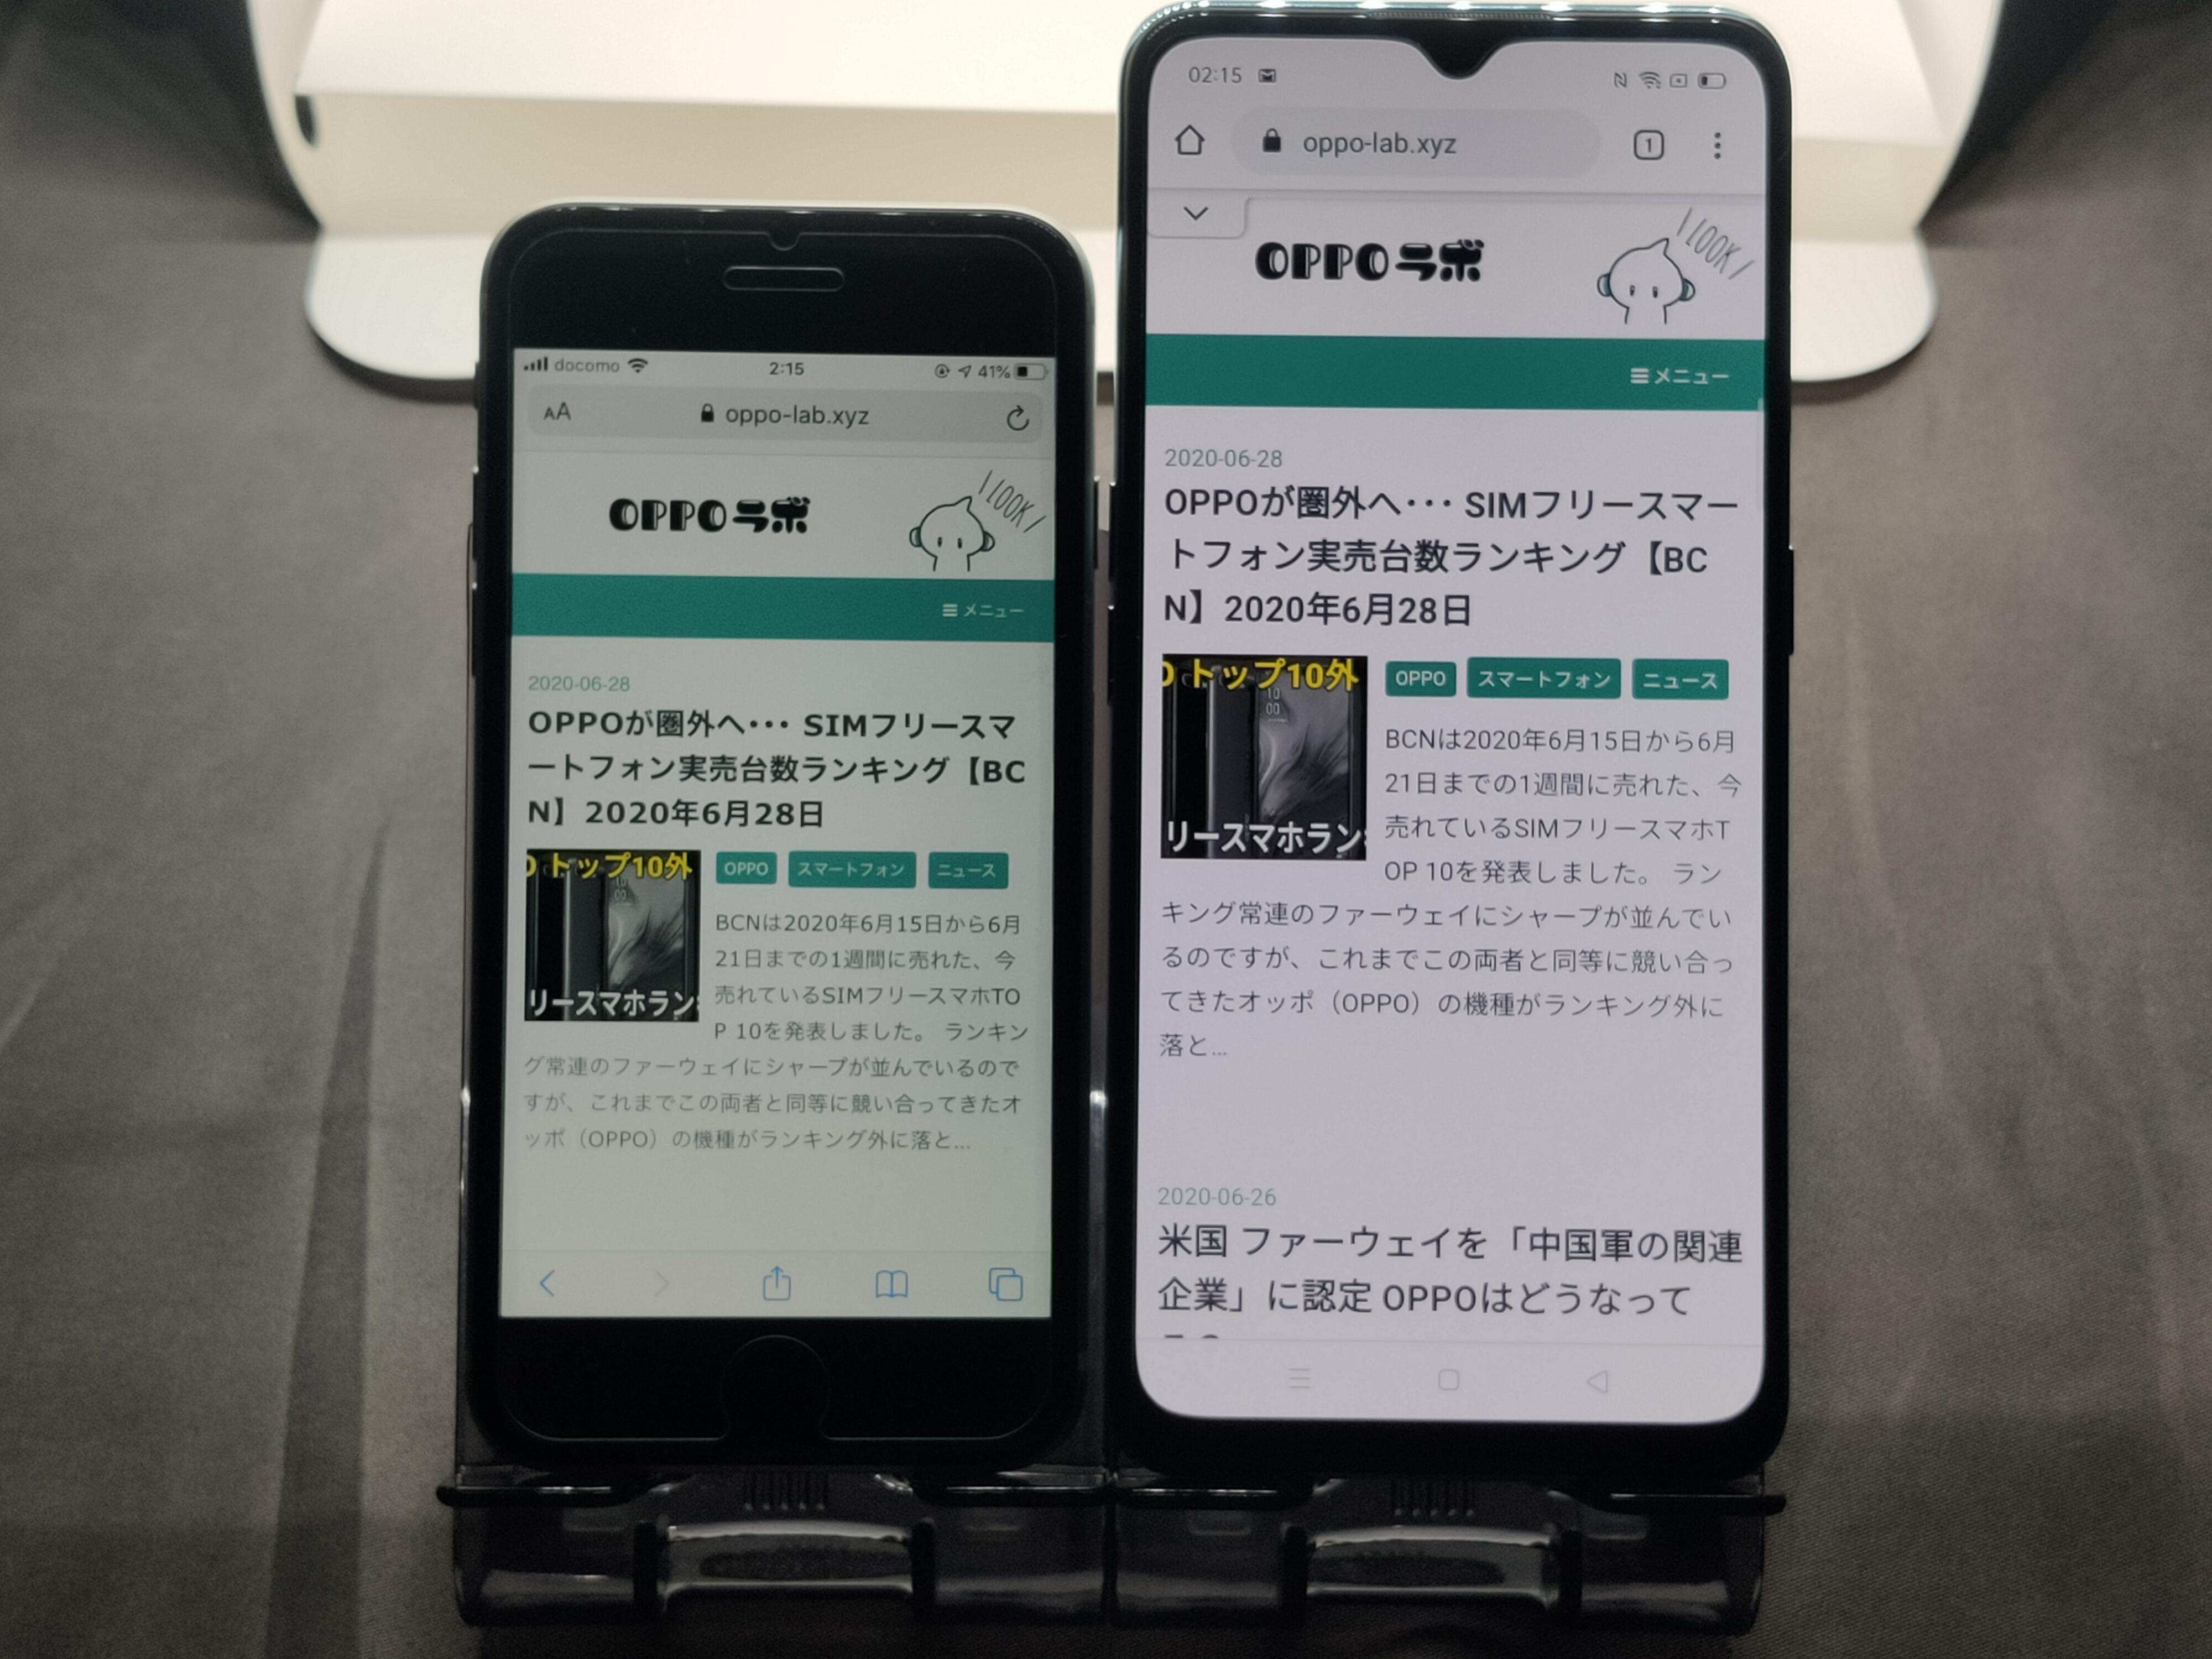 f:id:Azusa_Hirano:20200715130107j:plain